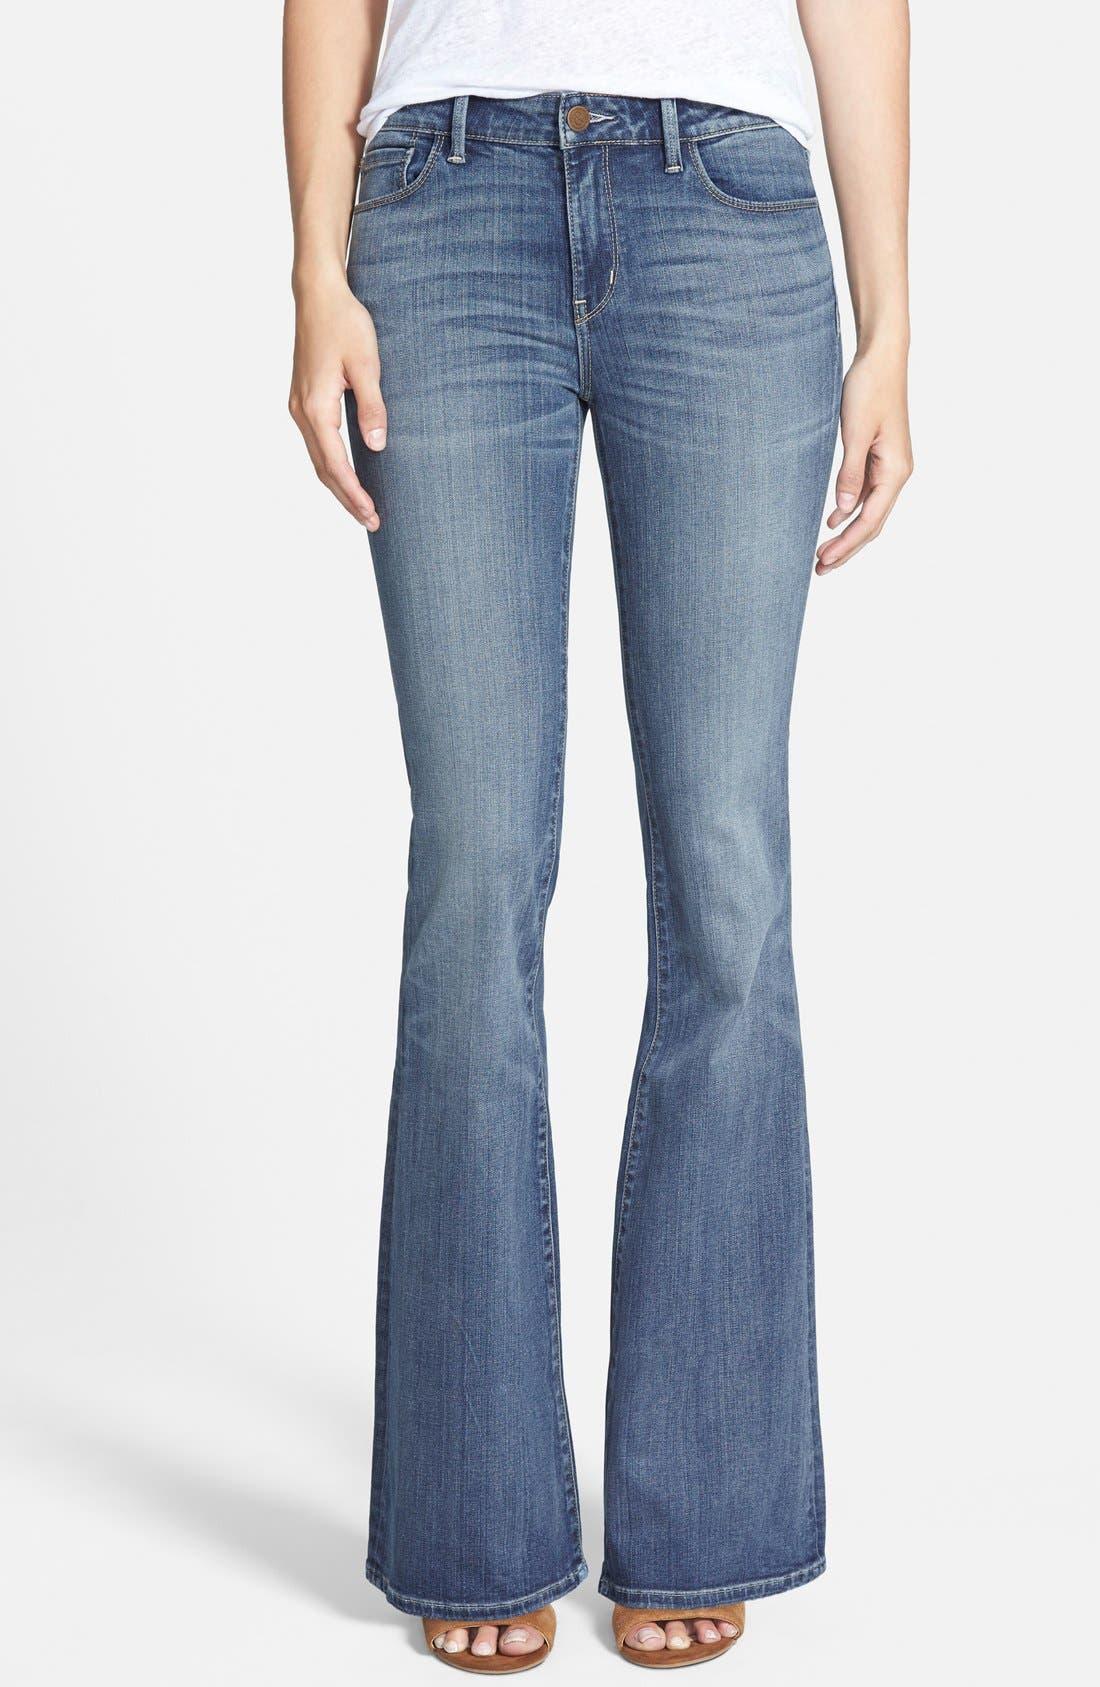 Main Image - Treasure&Bond Skinny Flare Jeans (Mode Medium Vintage)